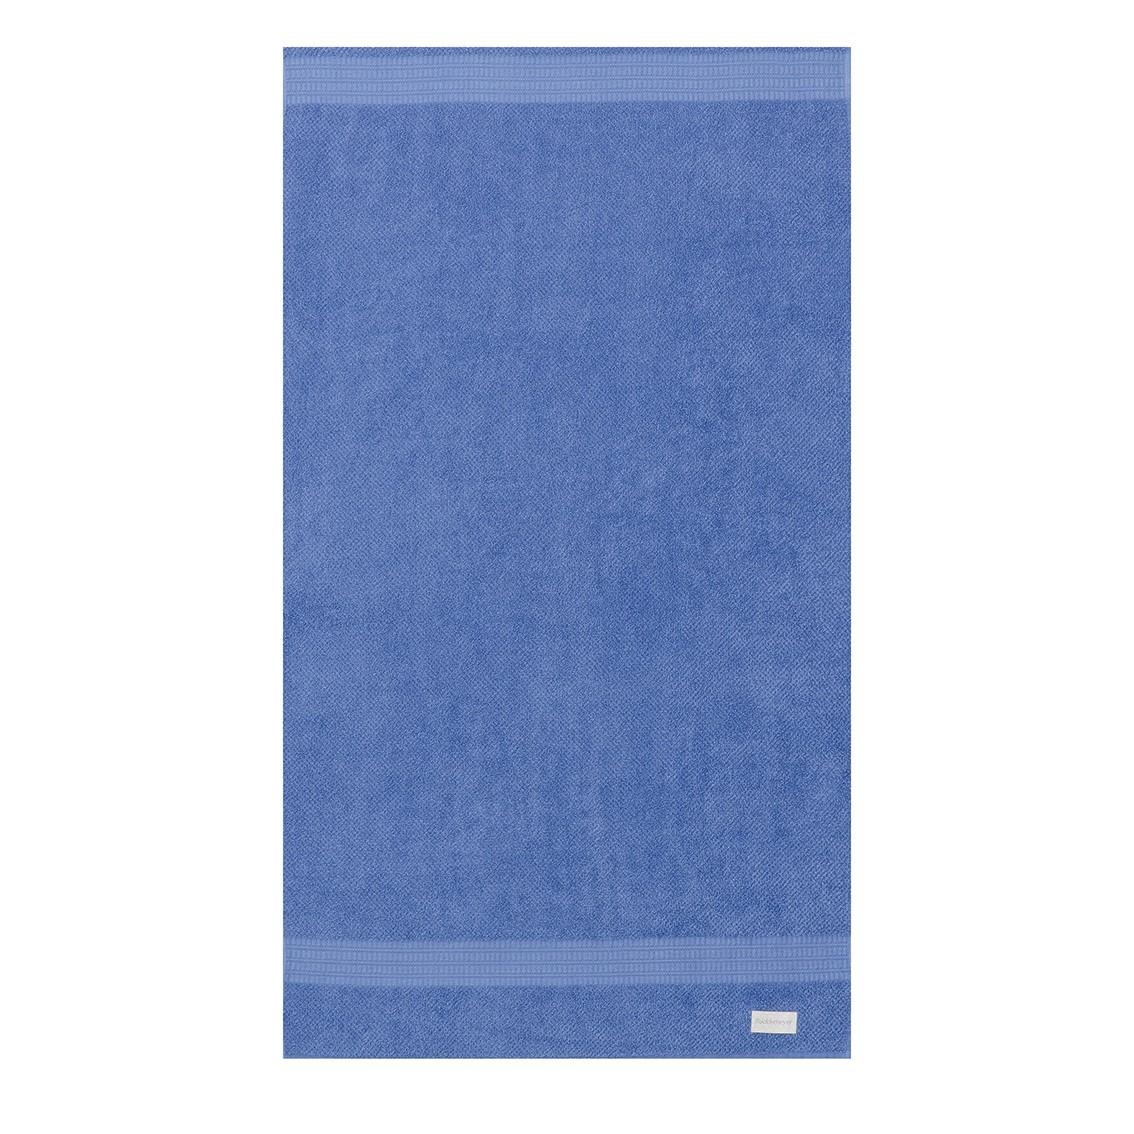 Toalha de Banho Frape 100 Algodao 70 x 135 cm Azul - Buddemeyer